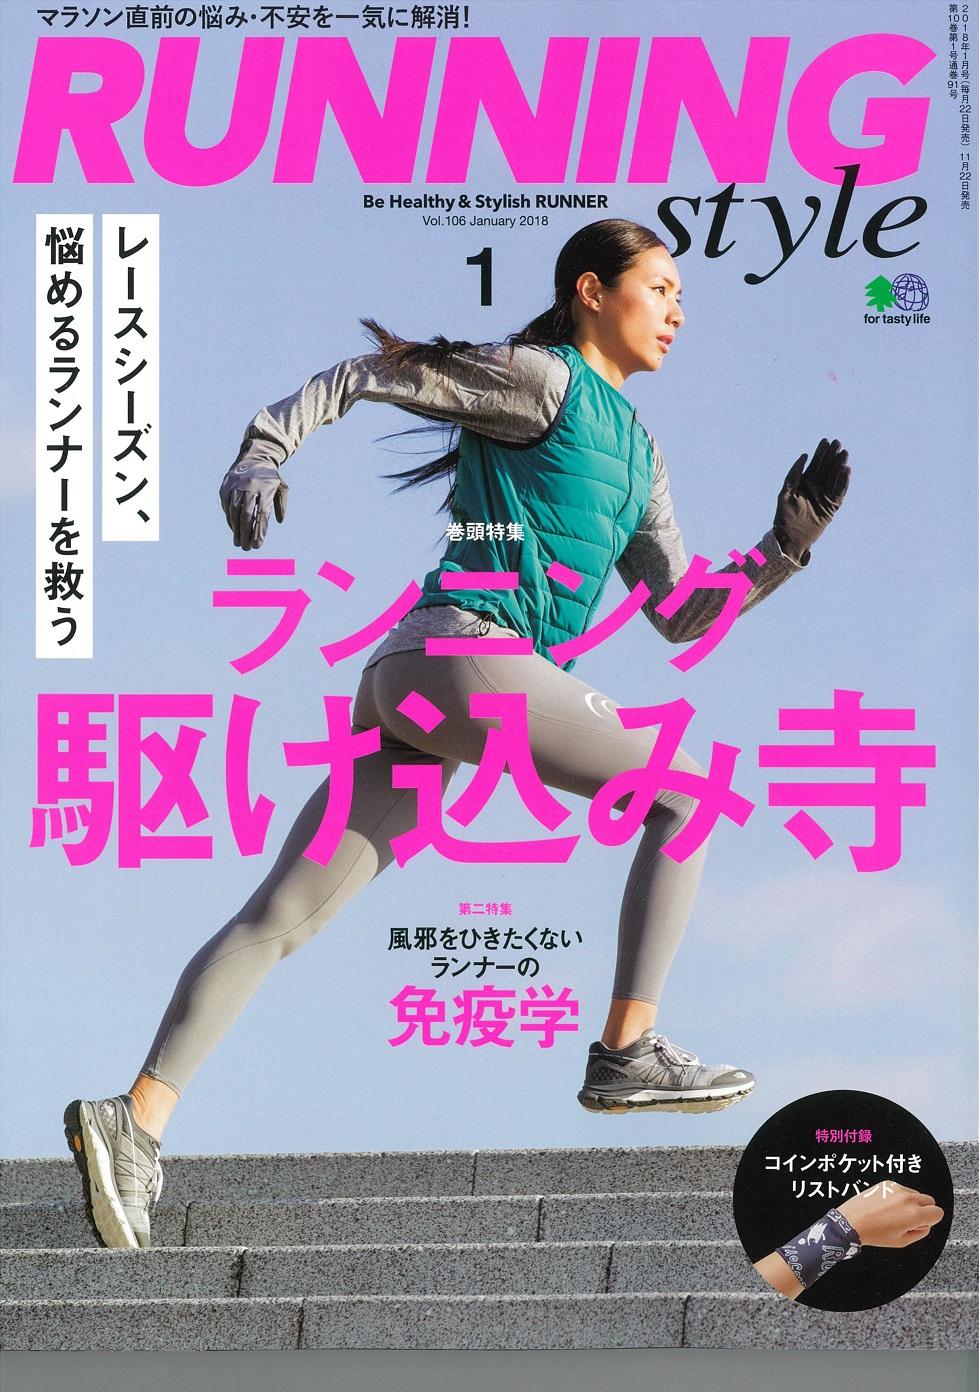 20171122RUNNINGstyle_COVER.jpg